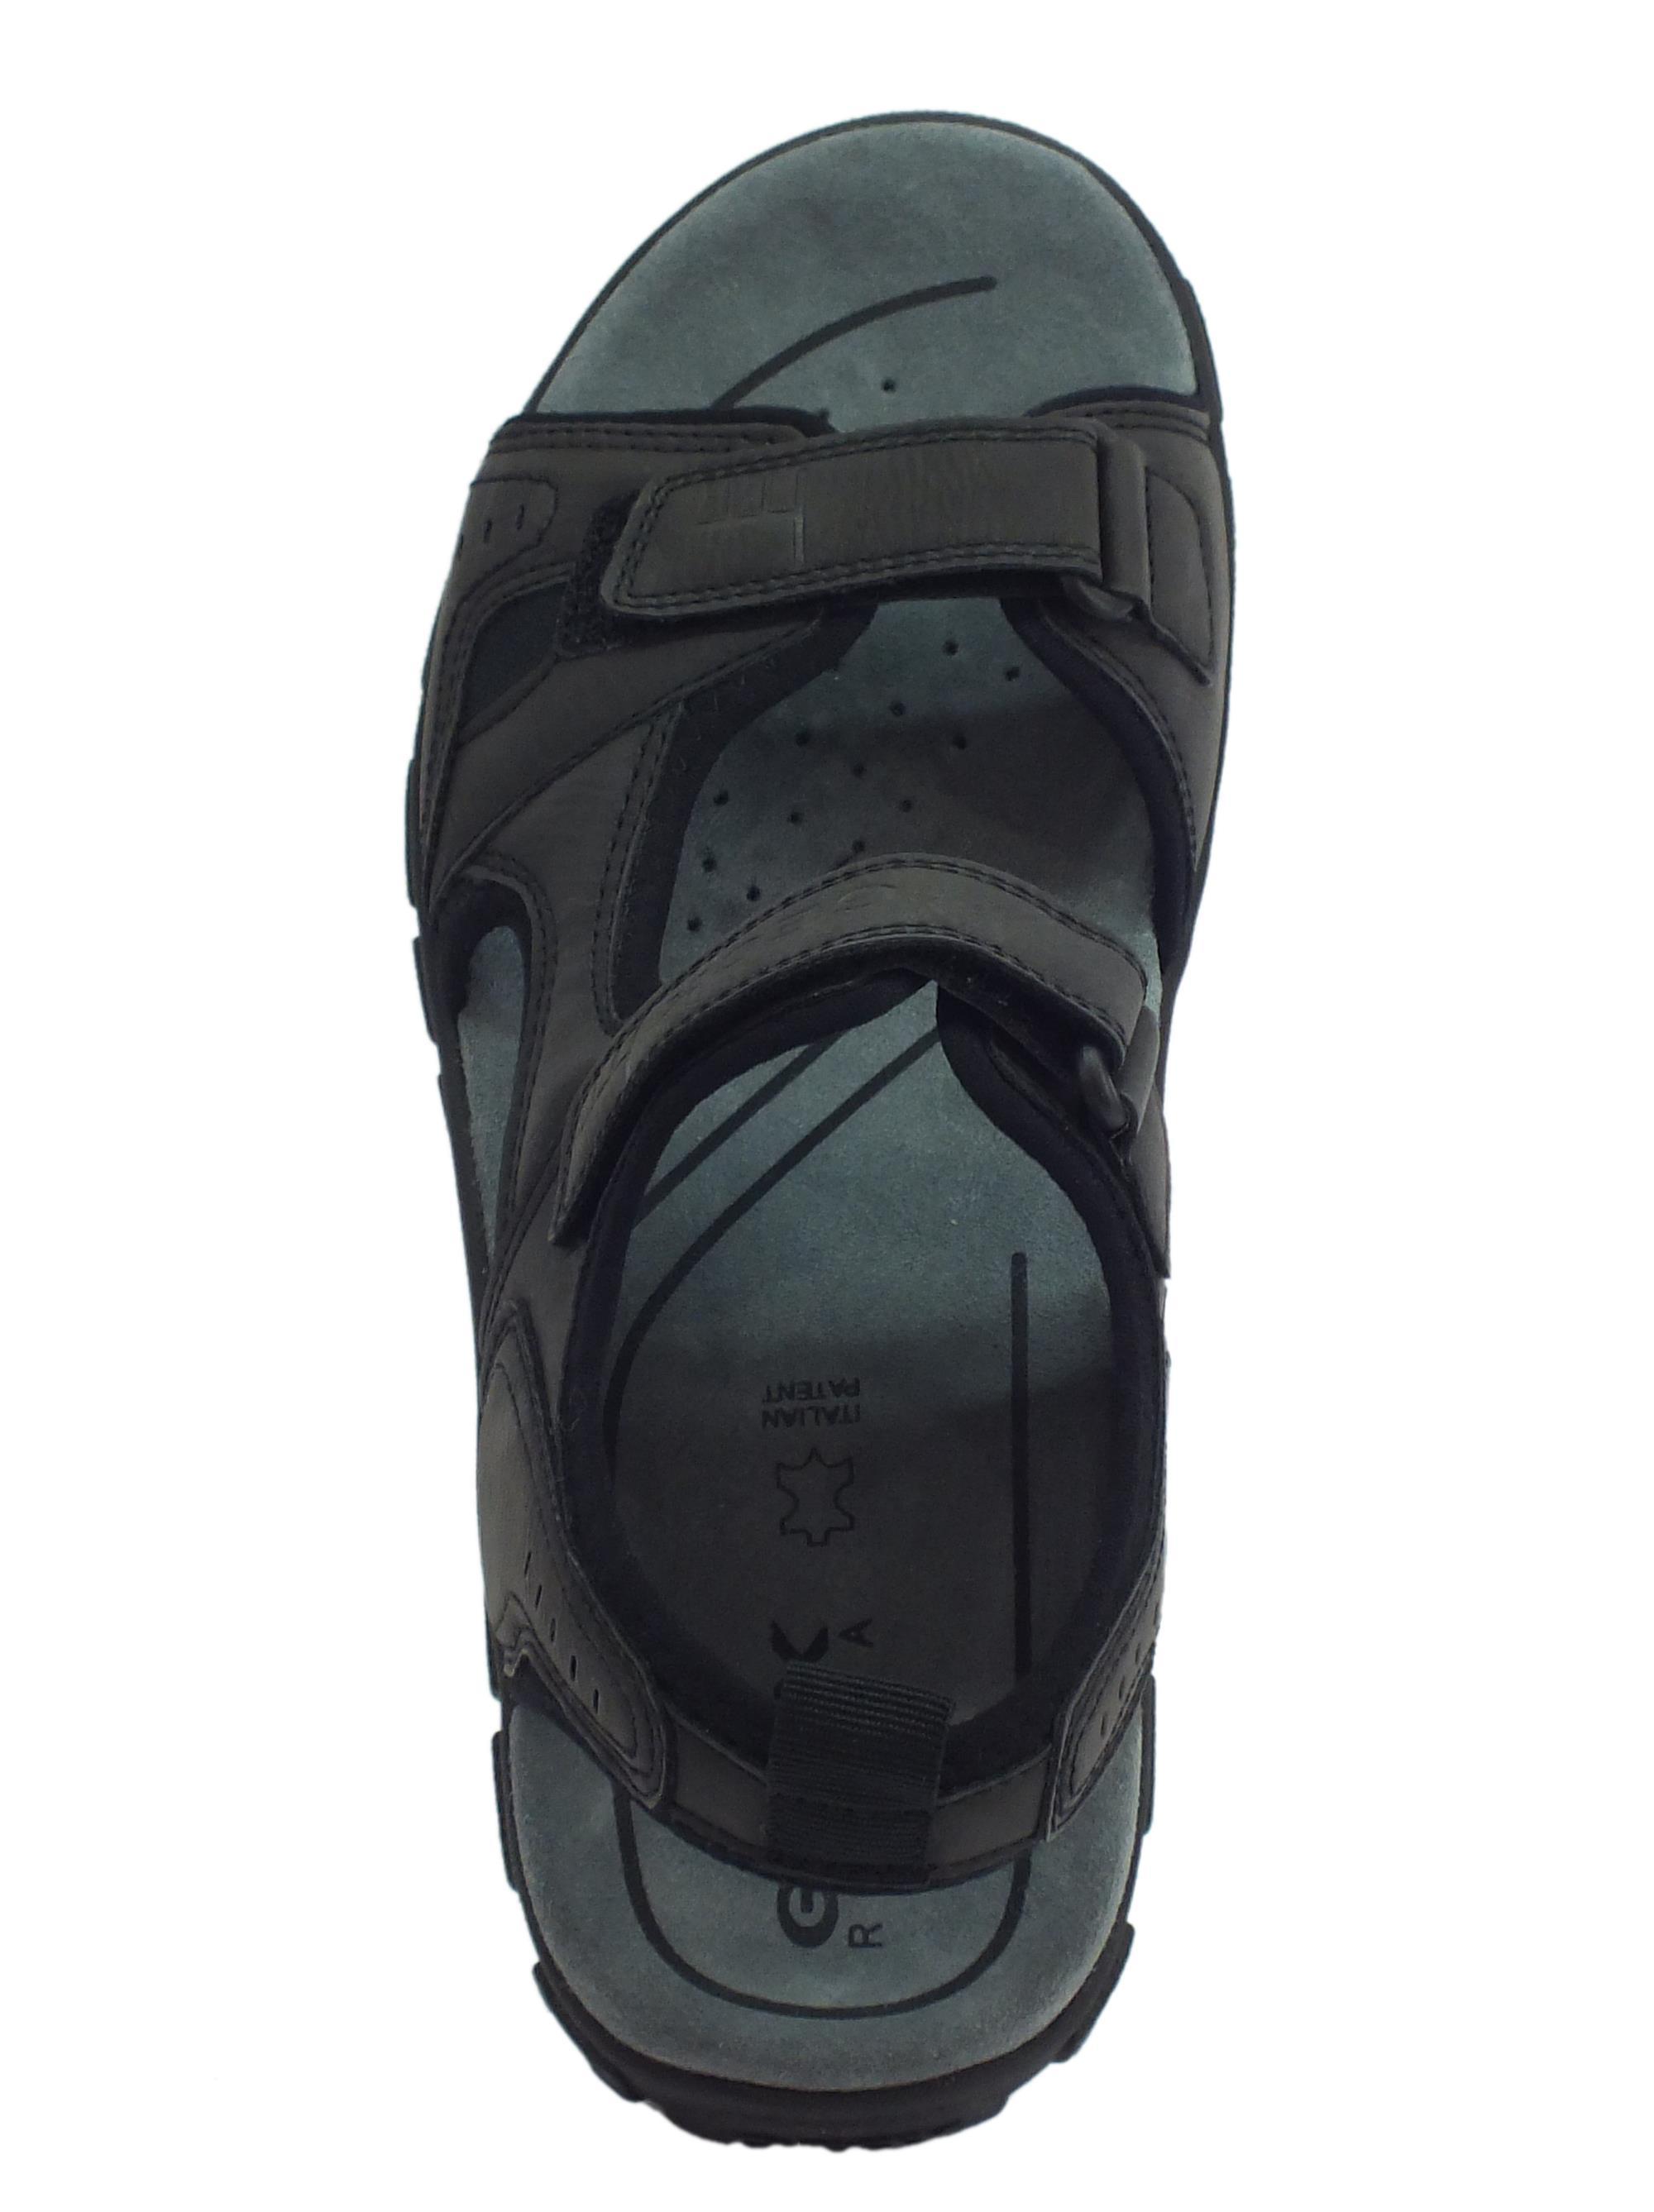 ... Sandali in ecopelle Geox per uomo colore nero doppia chiusura a strappo a72d653181e